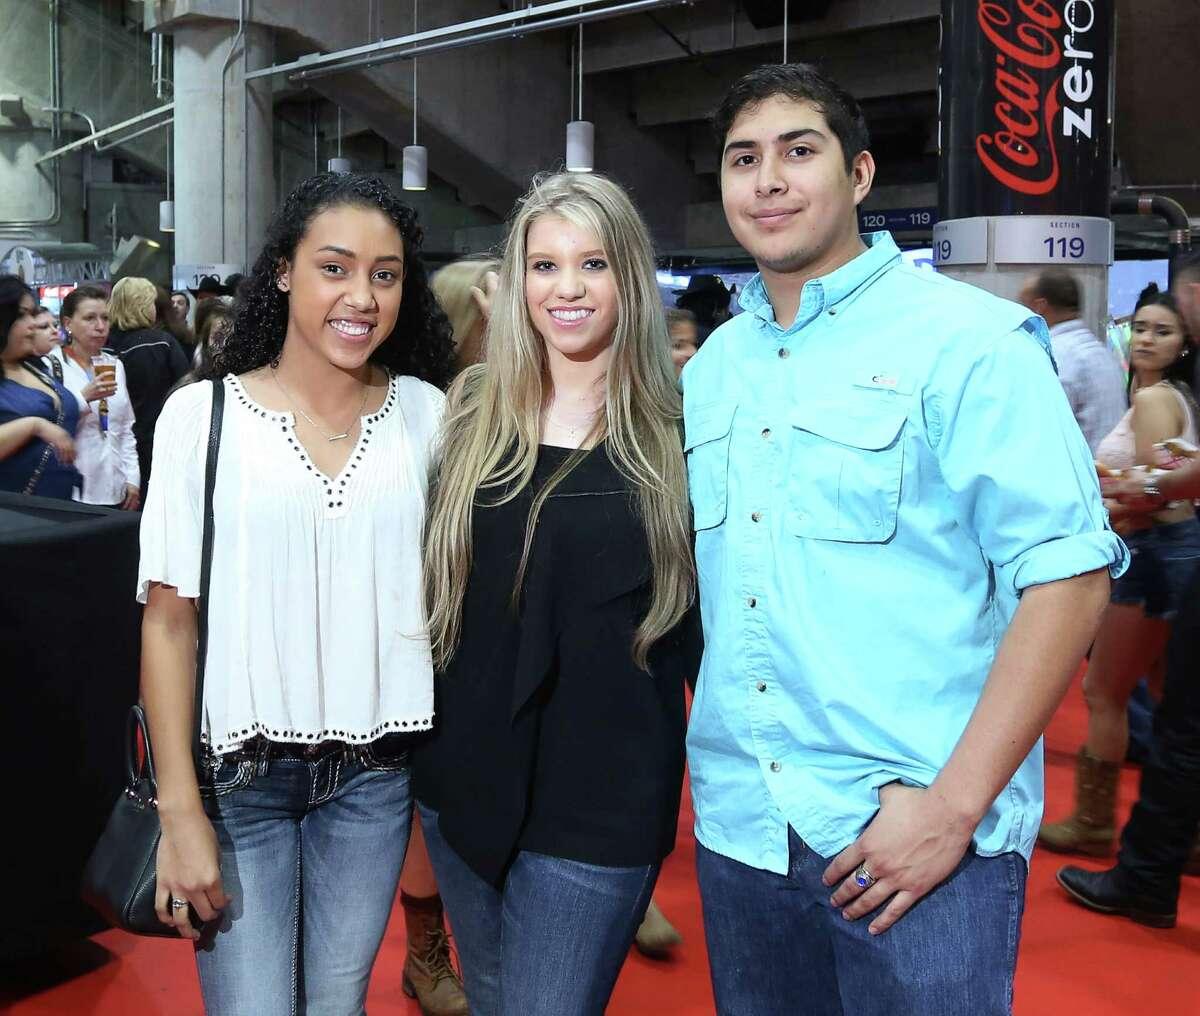 Luke Bryan fans at his RodeoHouston concert on Thursday